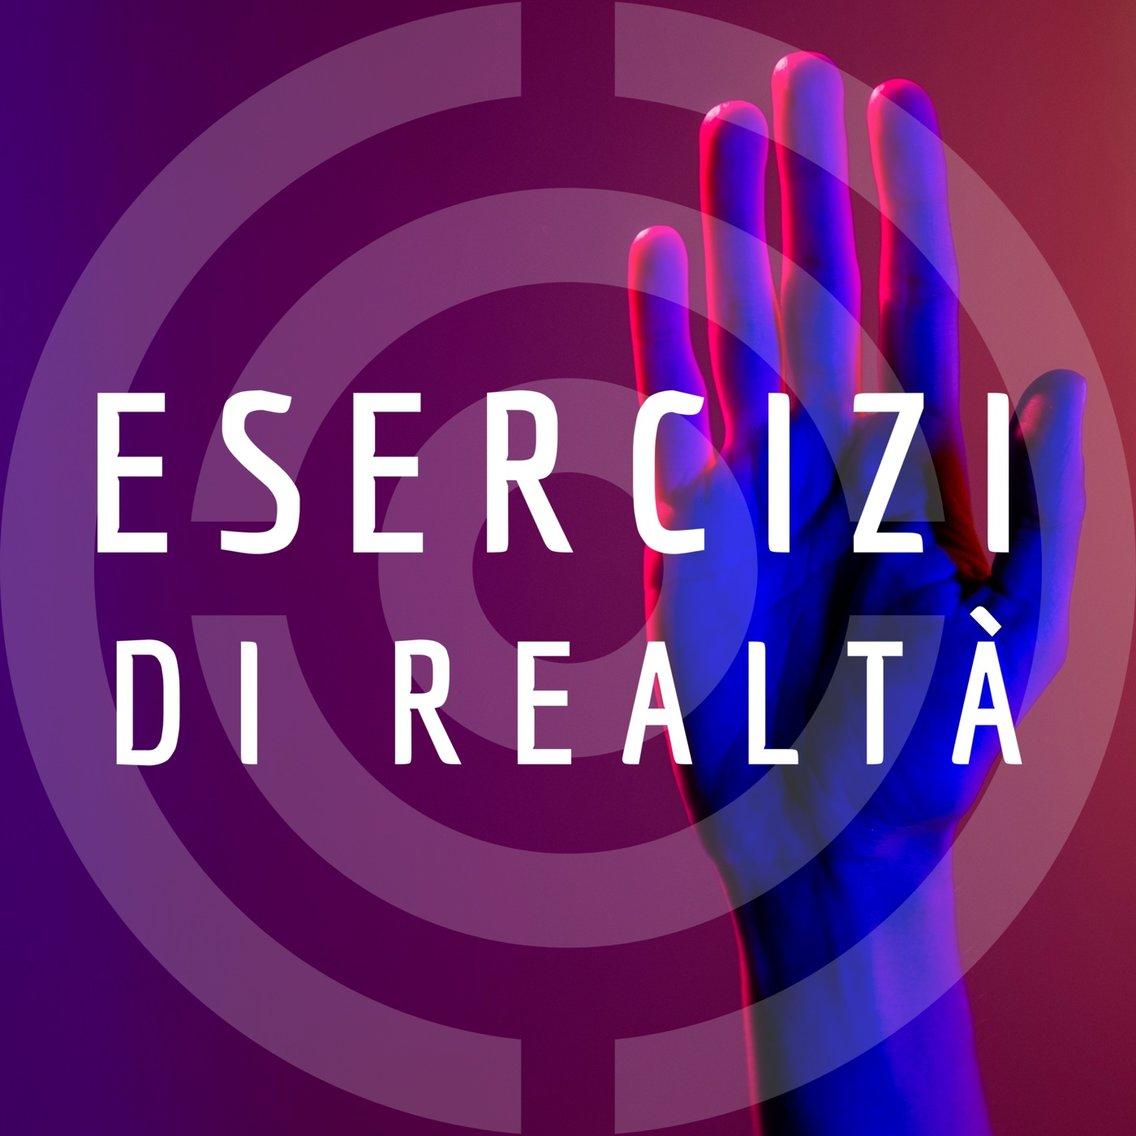 Esercizi di realtà - immagine di copertina